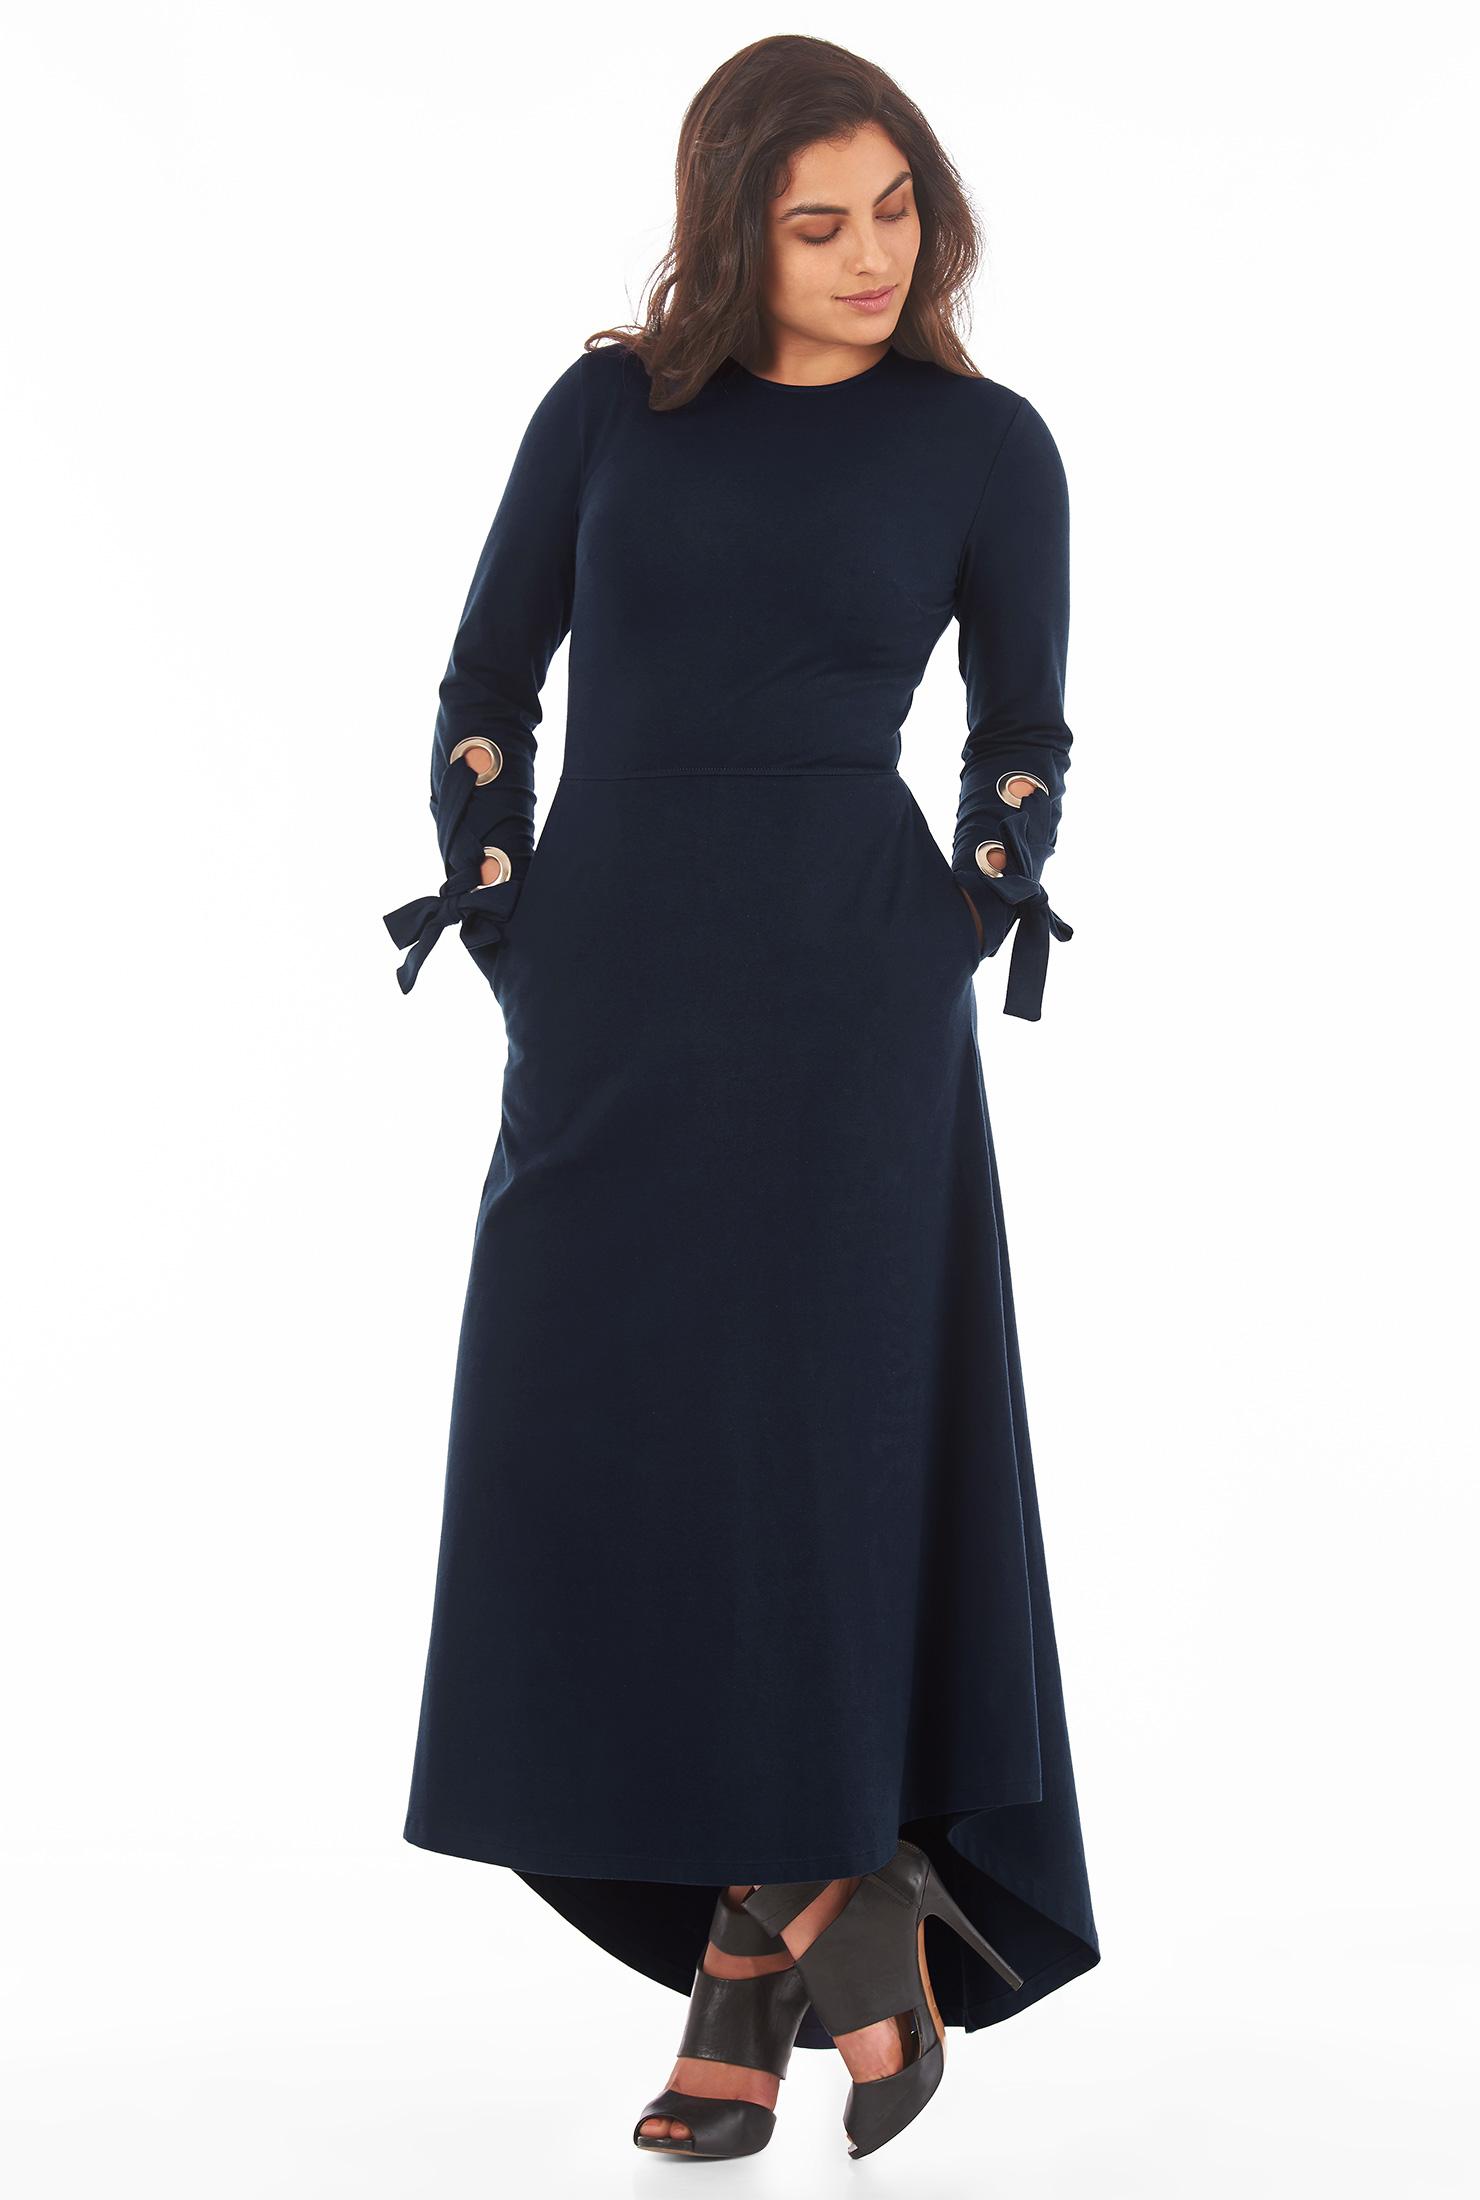 Eshakti Womens Lace-up Cuff Cotton Knit Maxi Dress